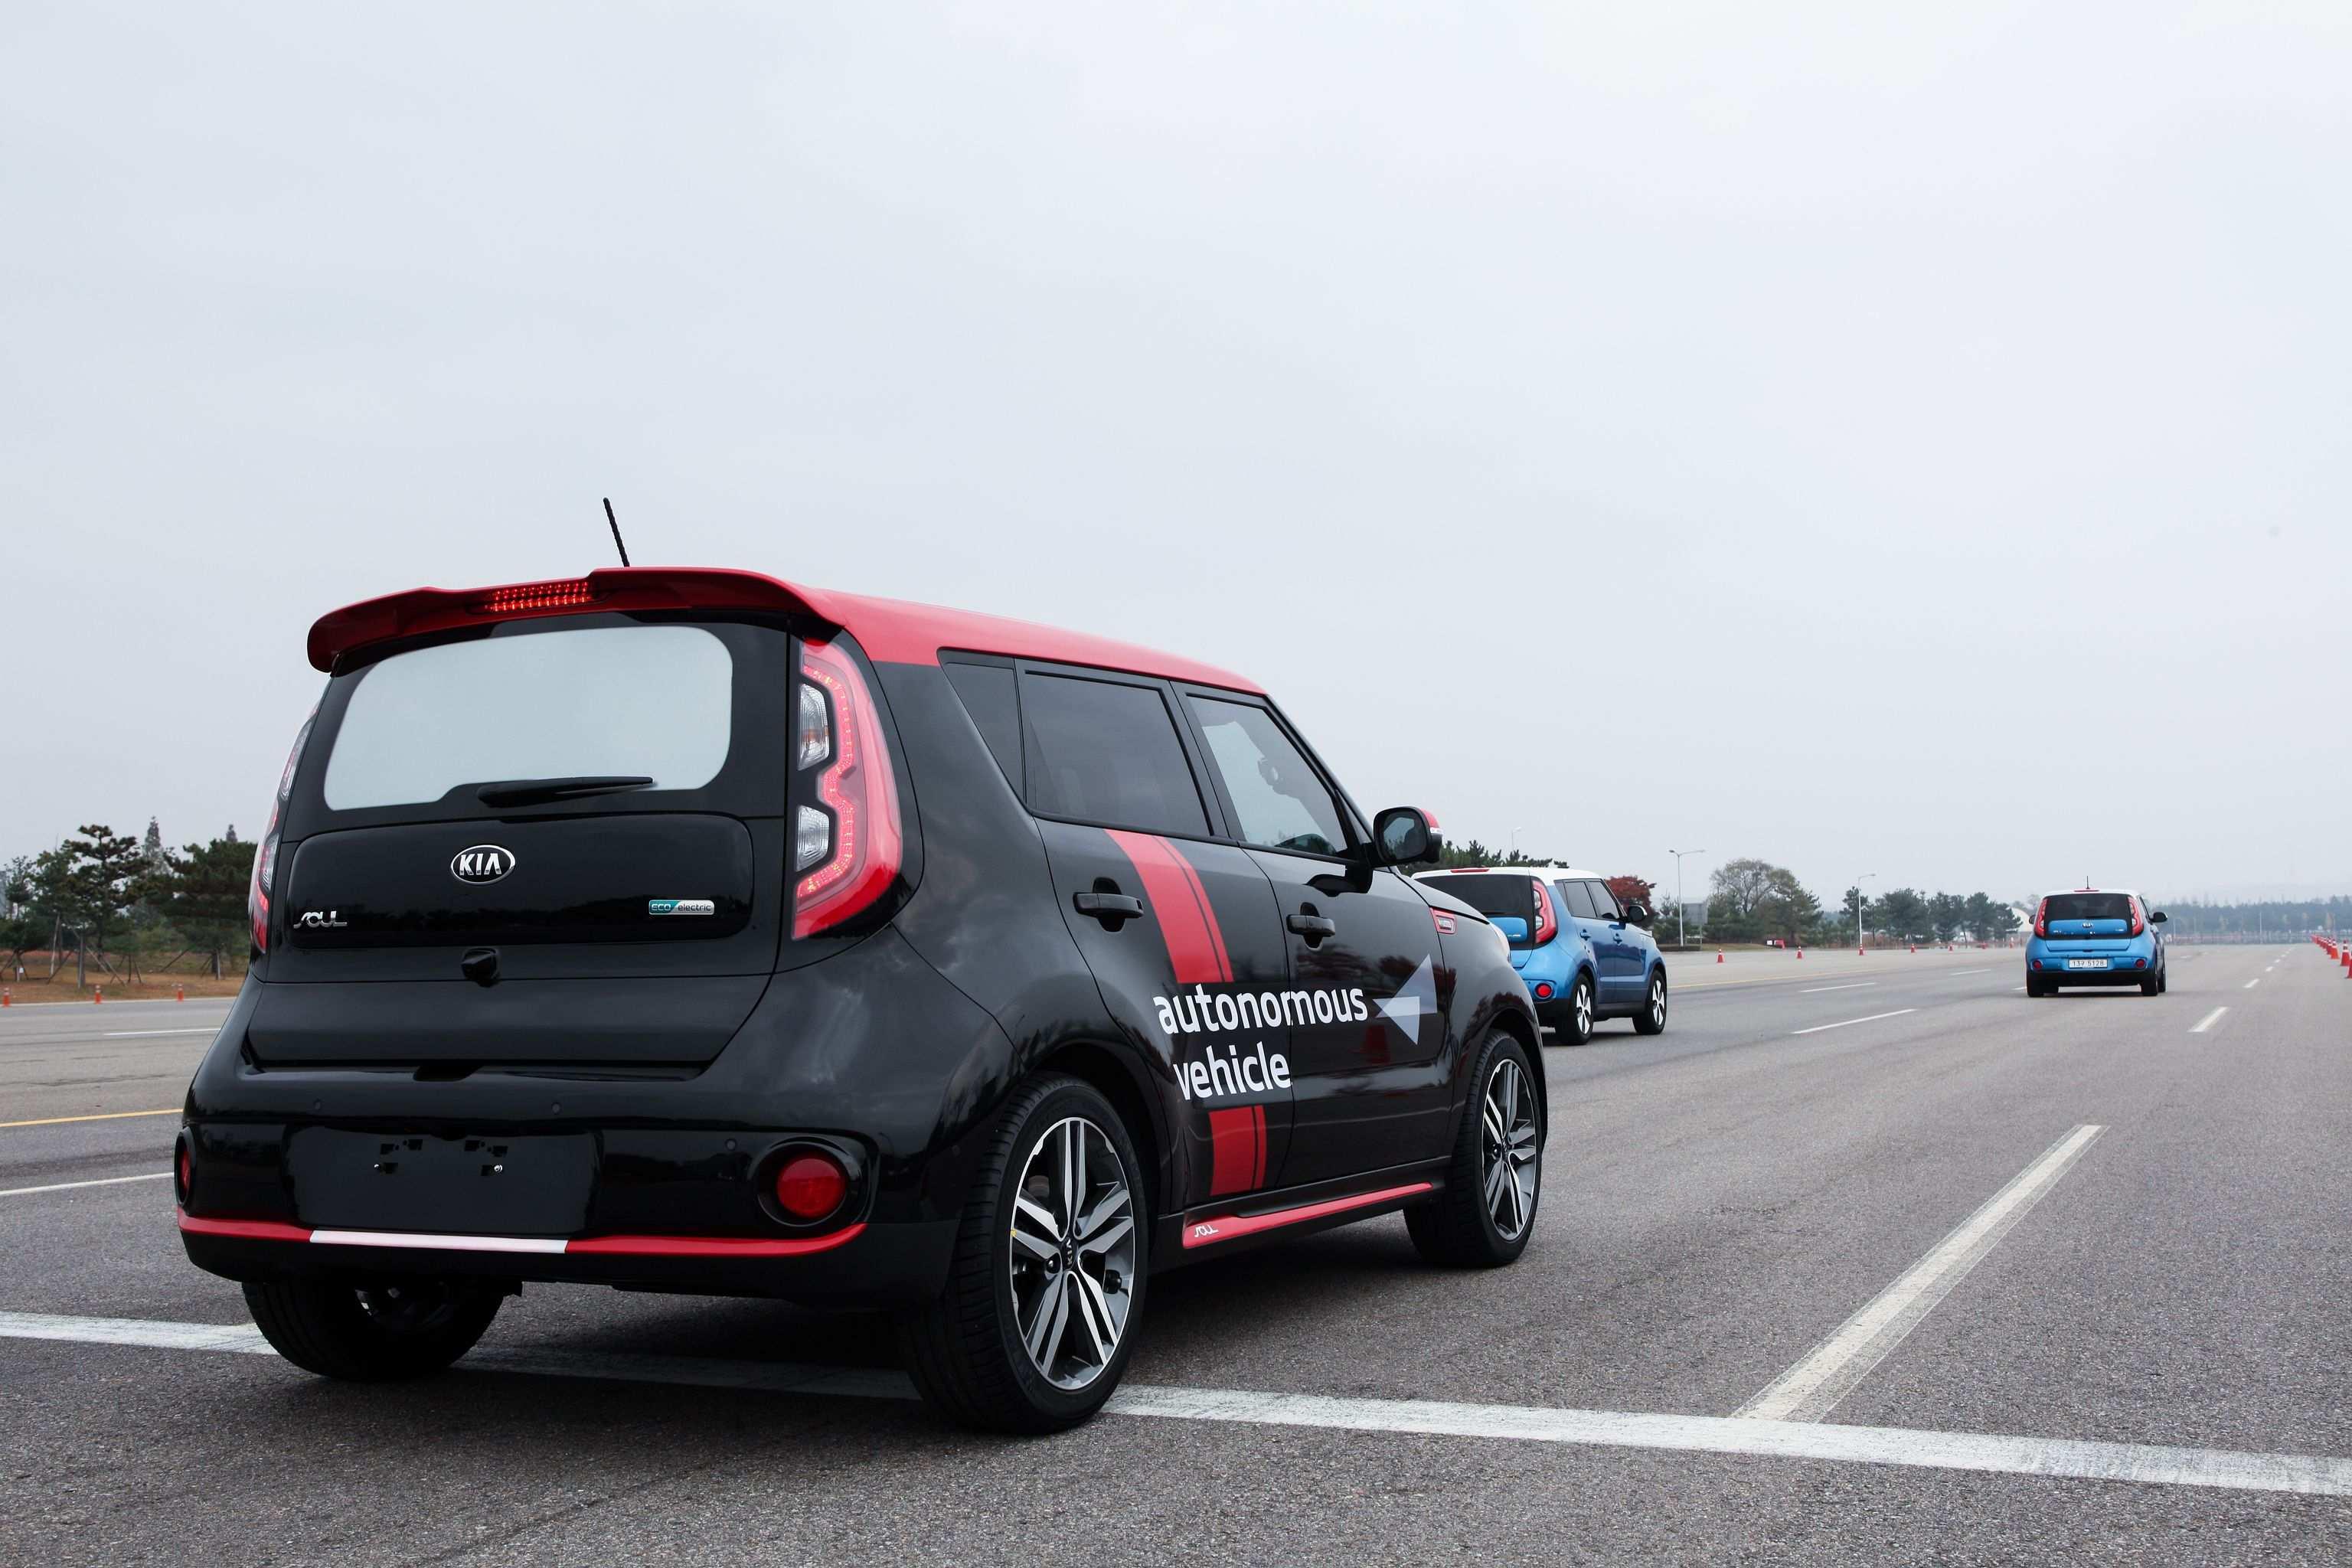 43 All New Kia Autonomous 2020 Style with Kia Autonomous 2020